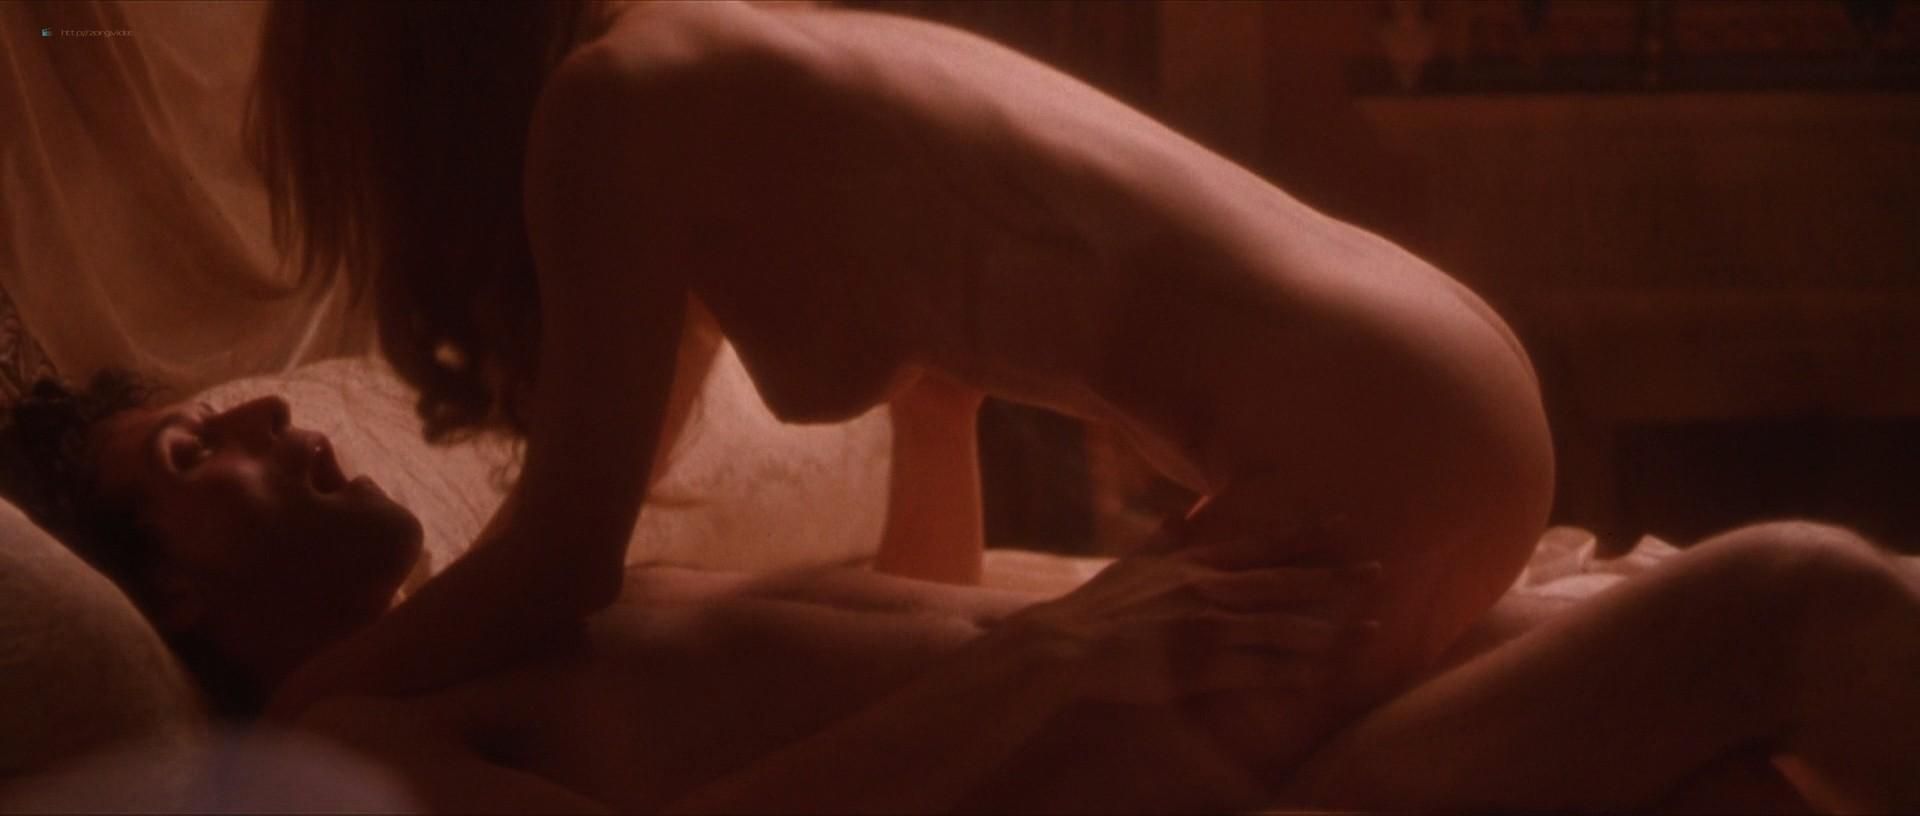 Watch kathryn mccormick nude scene